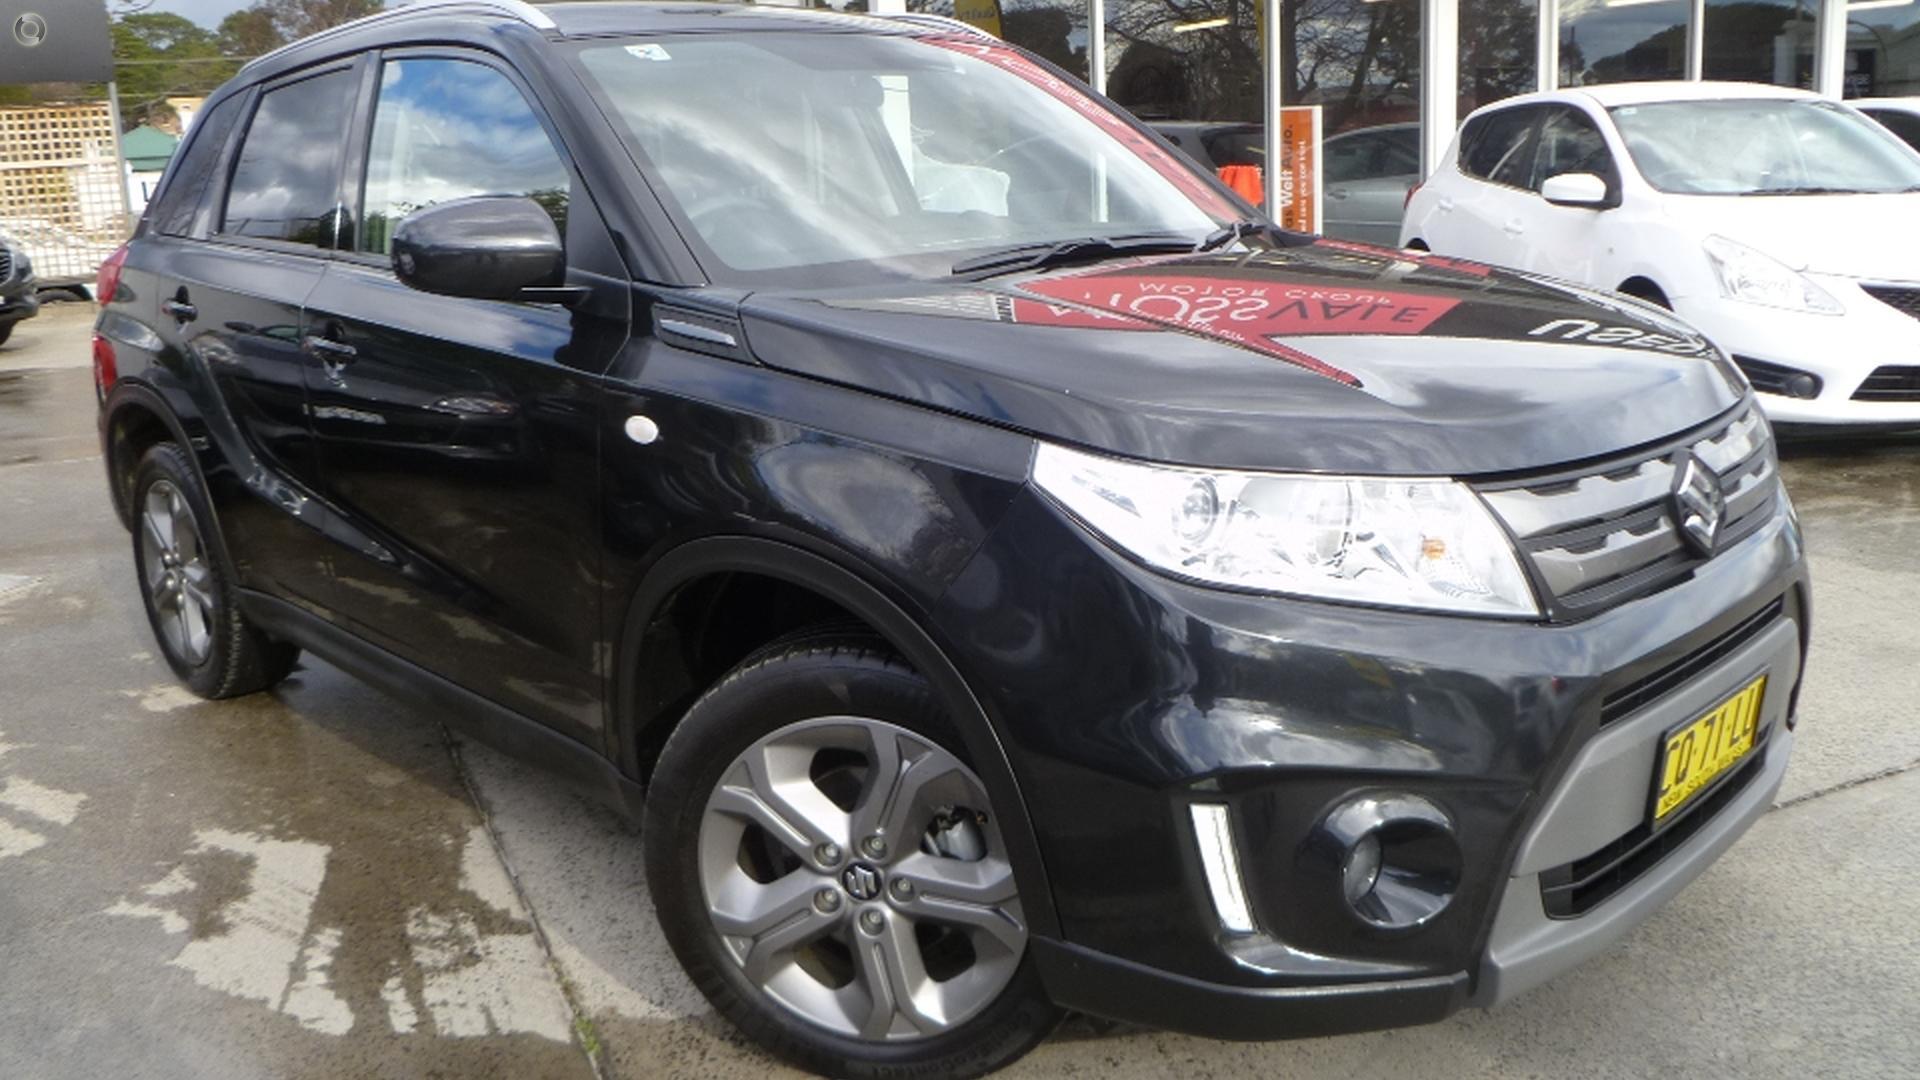 2017 Suzuki Vitara Rt-s